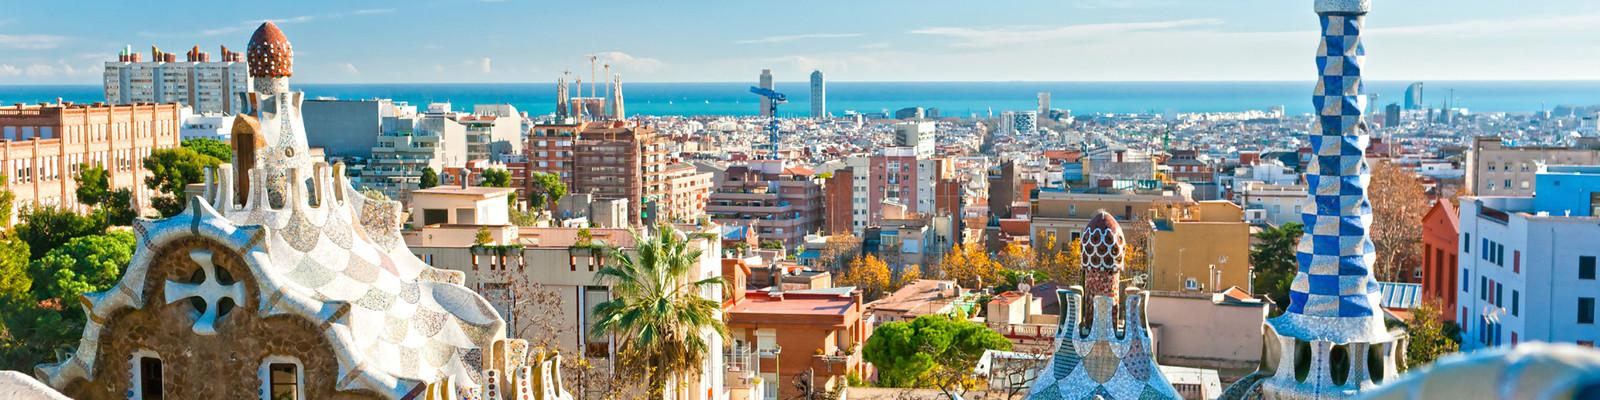 Spain tours